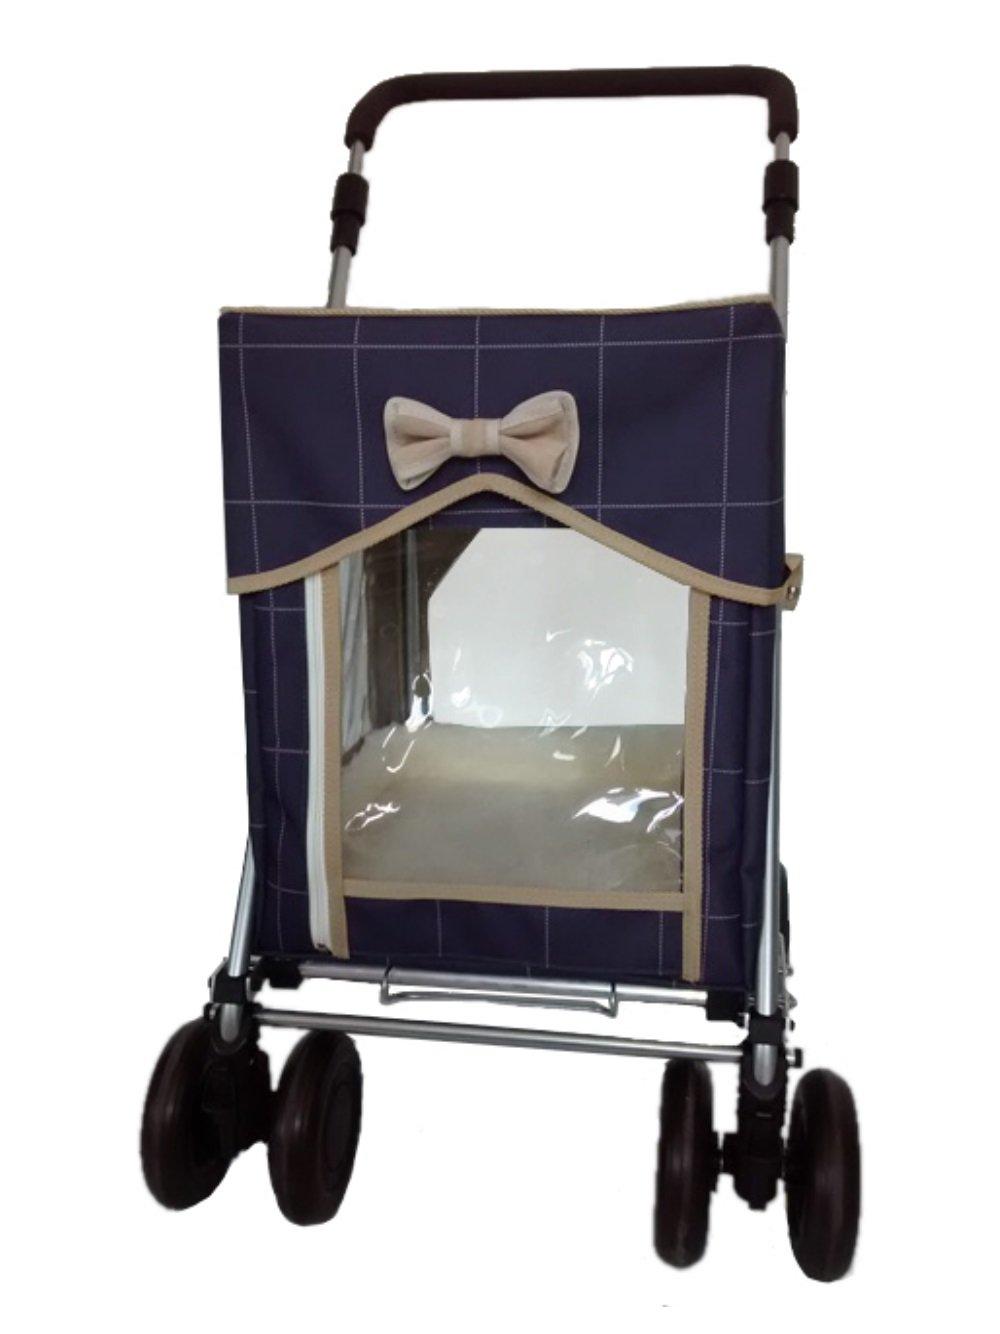 Regelmäßige Größe Petmobil Huckleberry Rover, Blau Karo, Haustierwagen, Frachtführer oder Transporteur